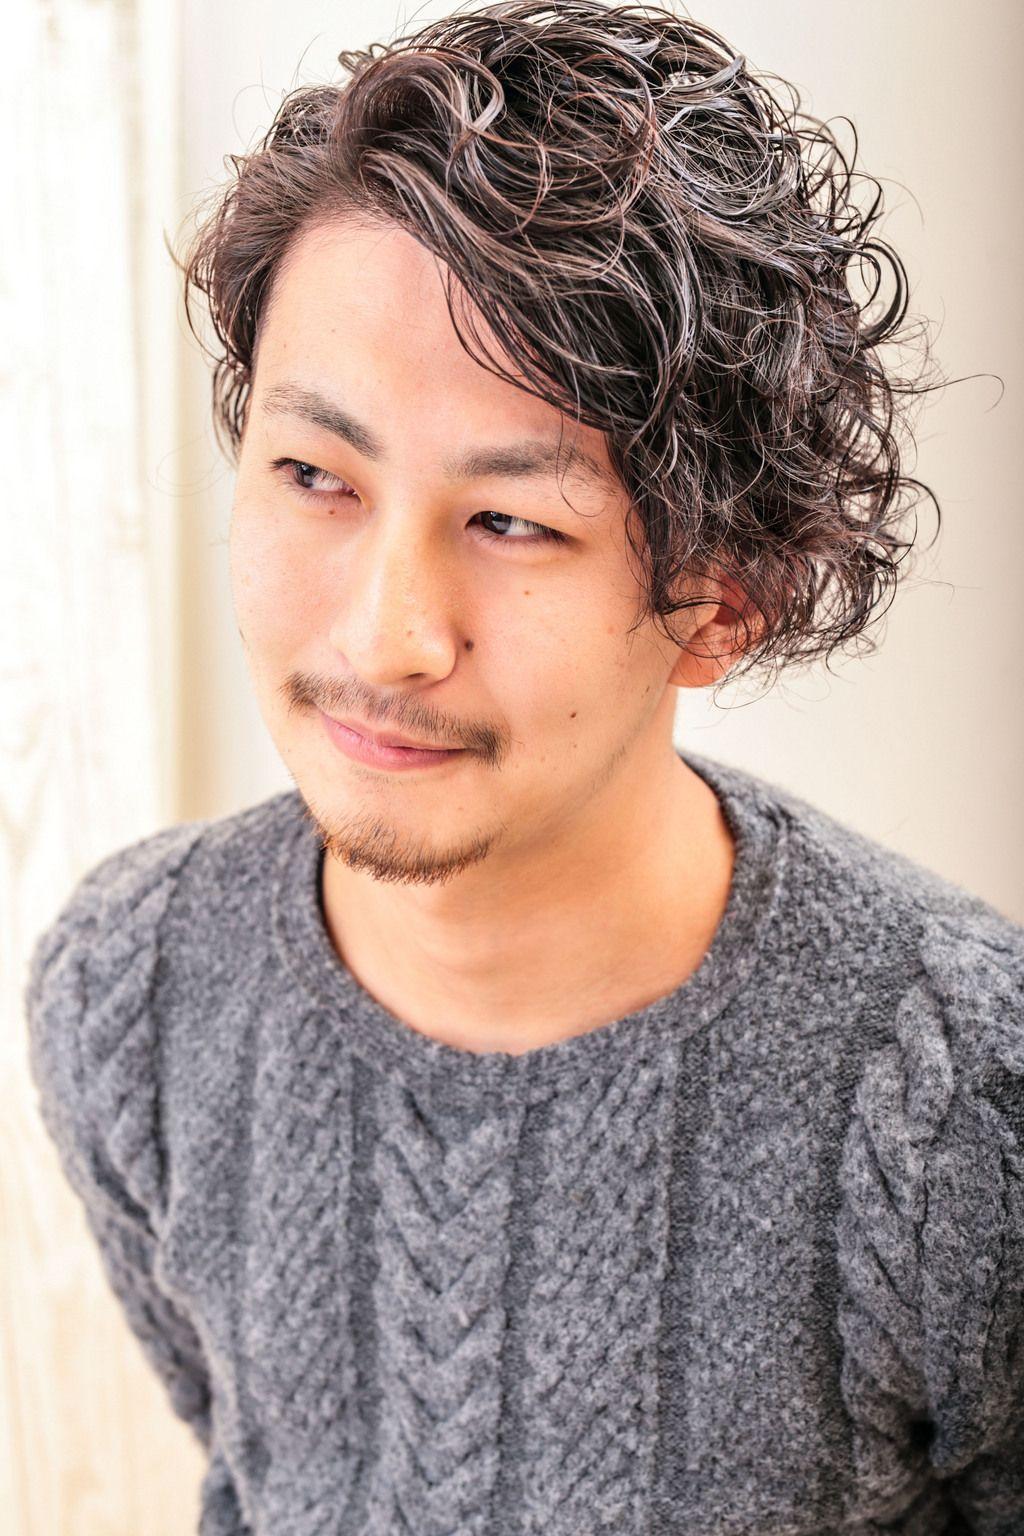 ヘアカタログ パーマ ブロック 髪型 メンズ ヘアスタイル パーマ